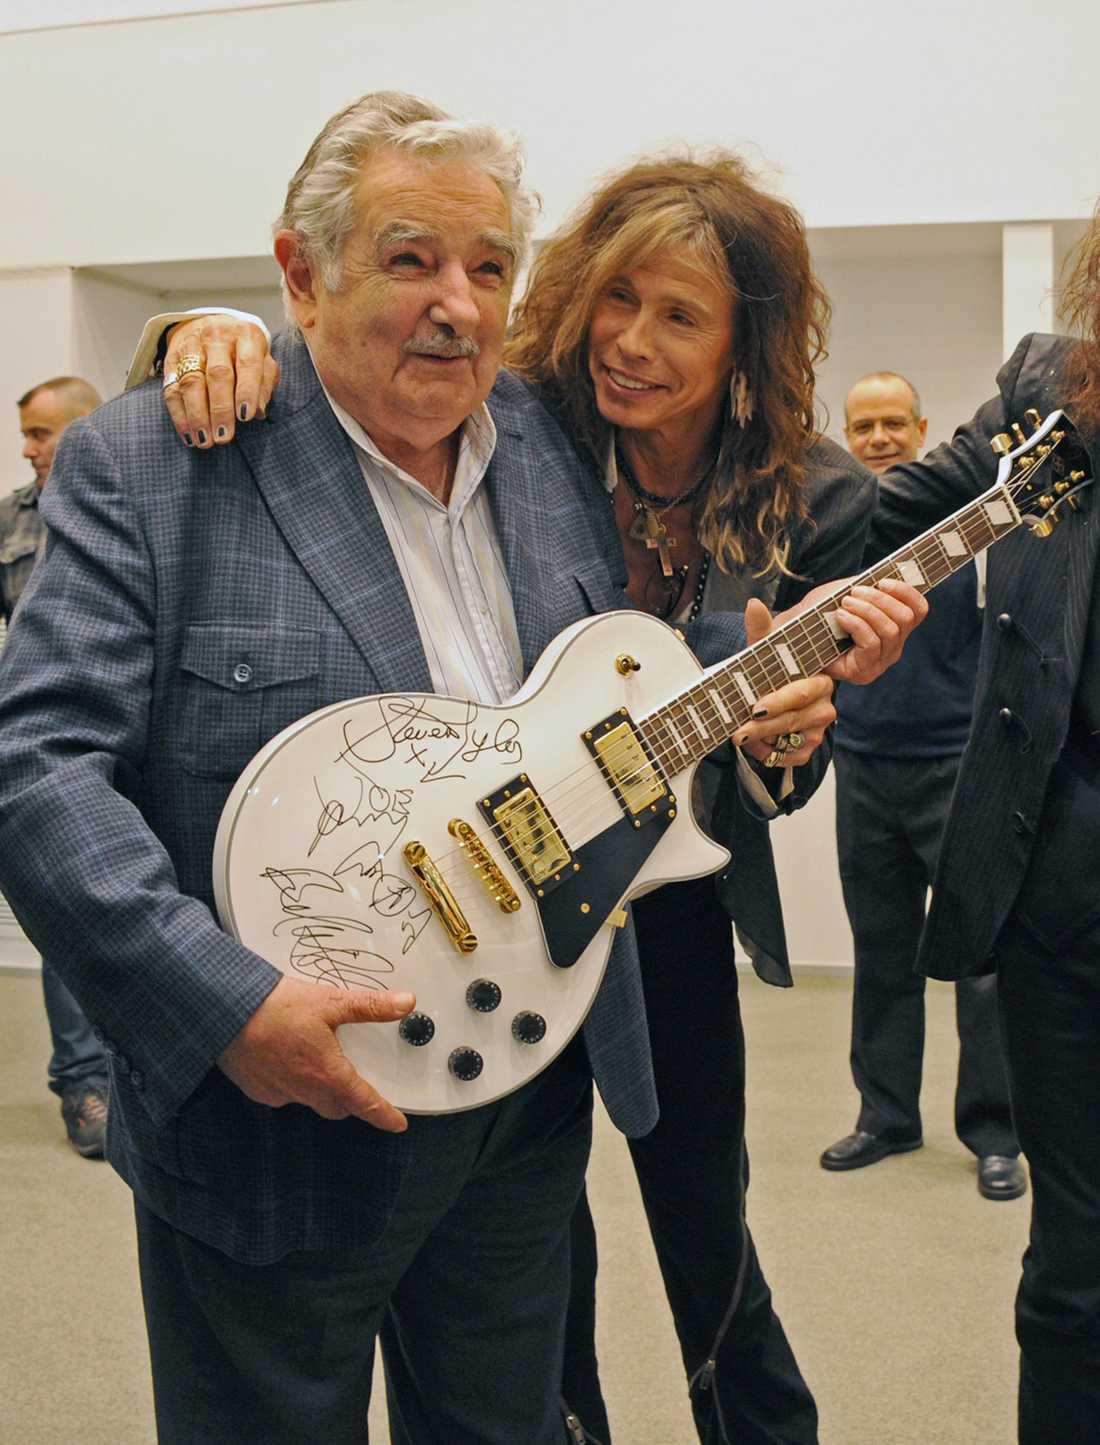 Här syns Jose Mujica tillsammans med Aerosmiths Steven Tyler.